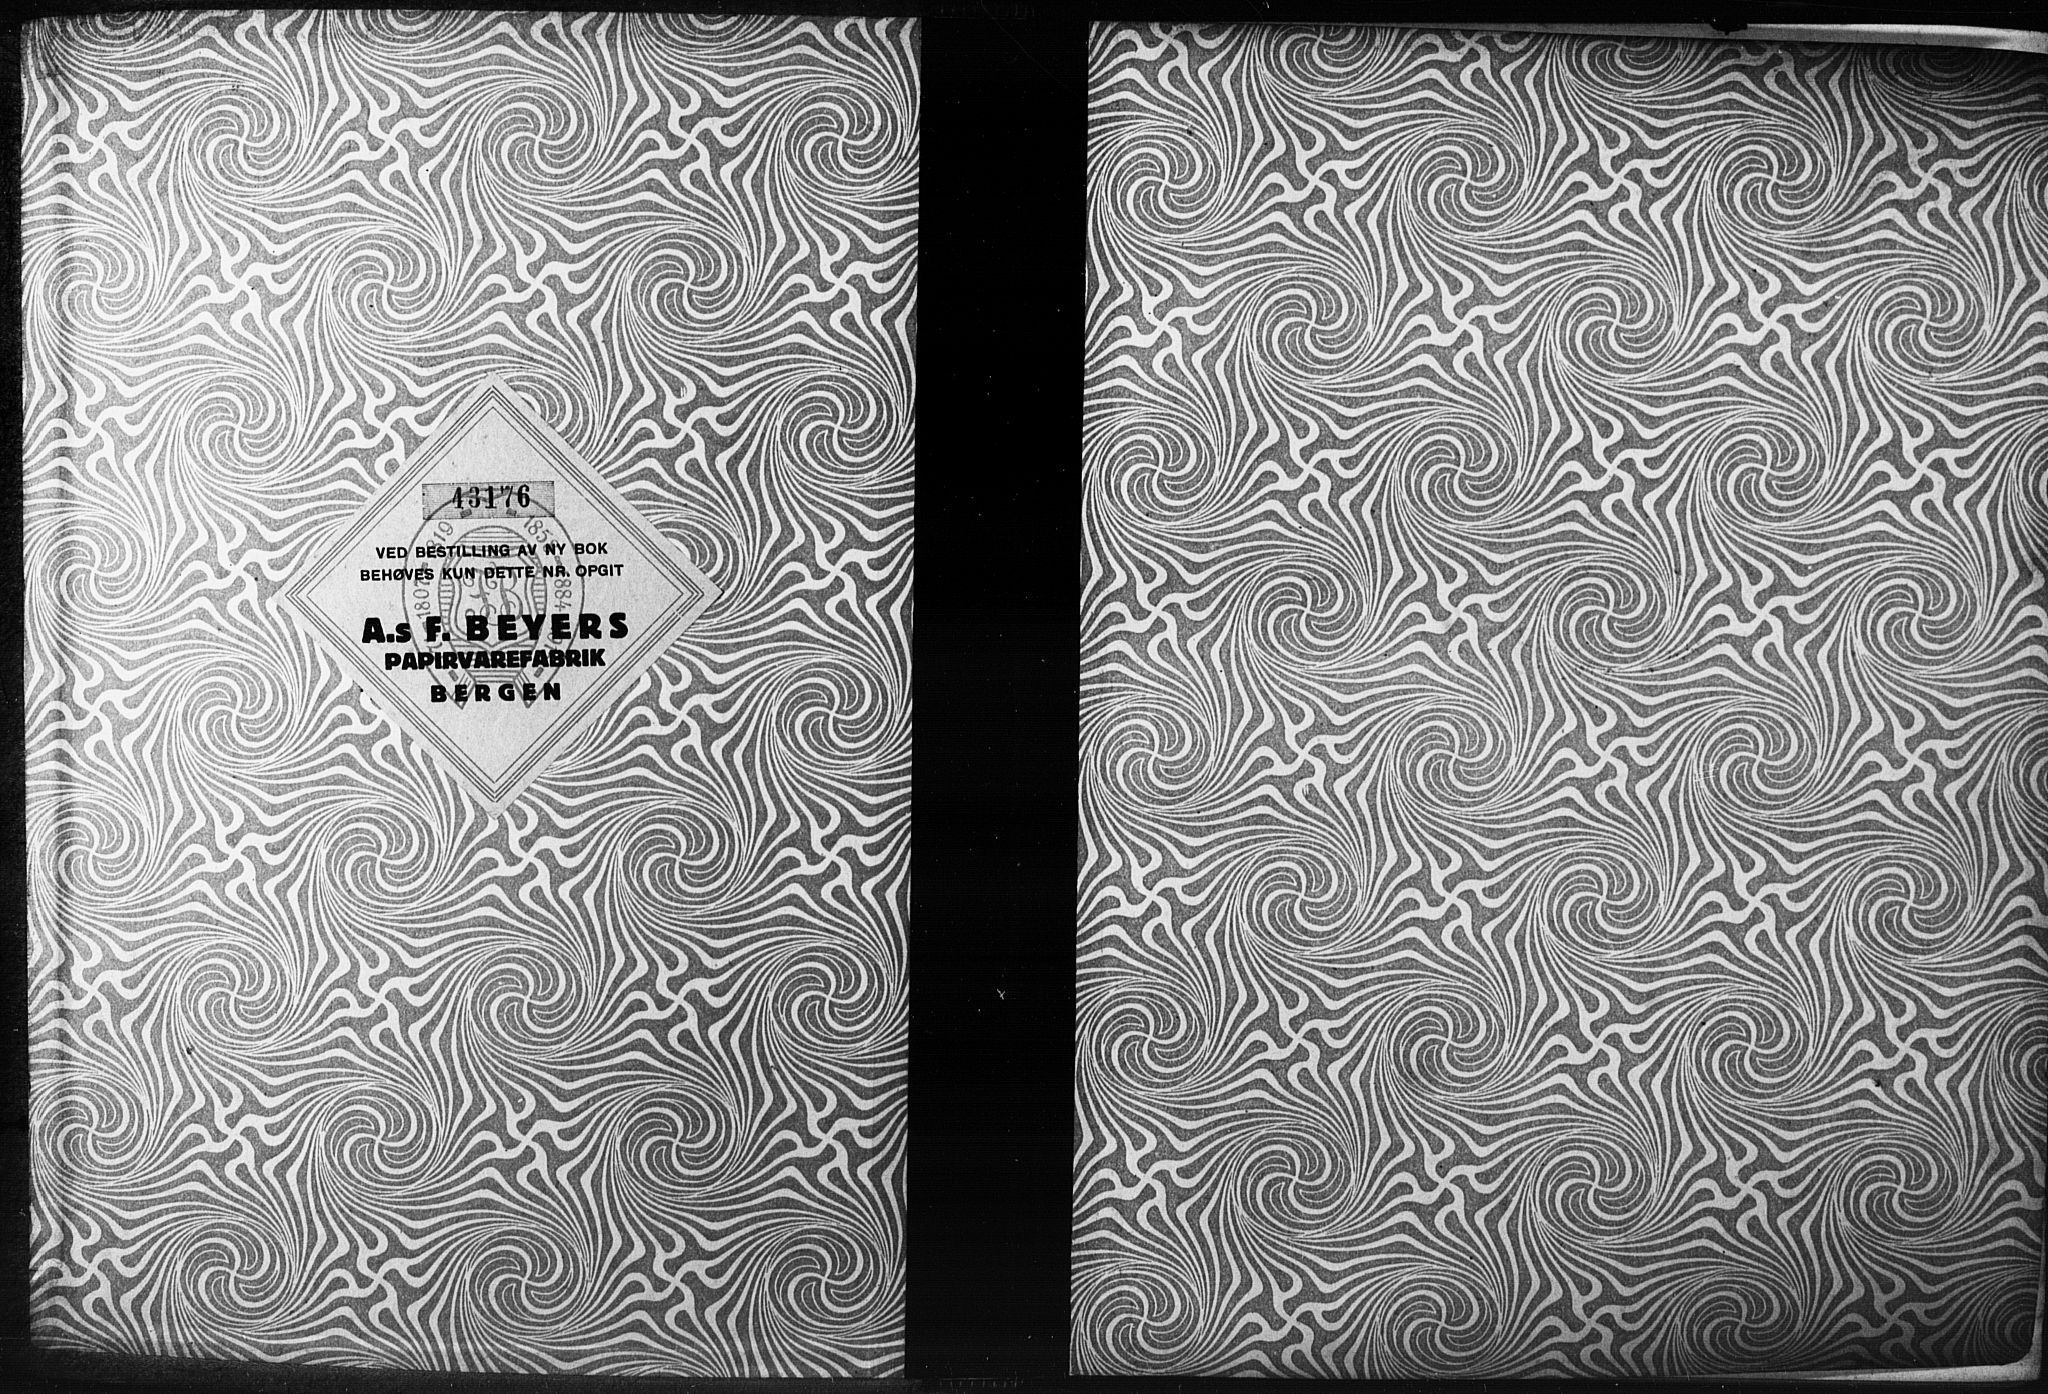 SAB, Domkirken Sokneprestembete, Forlovererklæringer nr. II.5.14, 1922-1927